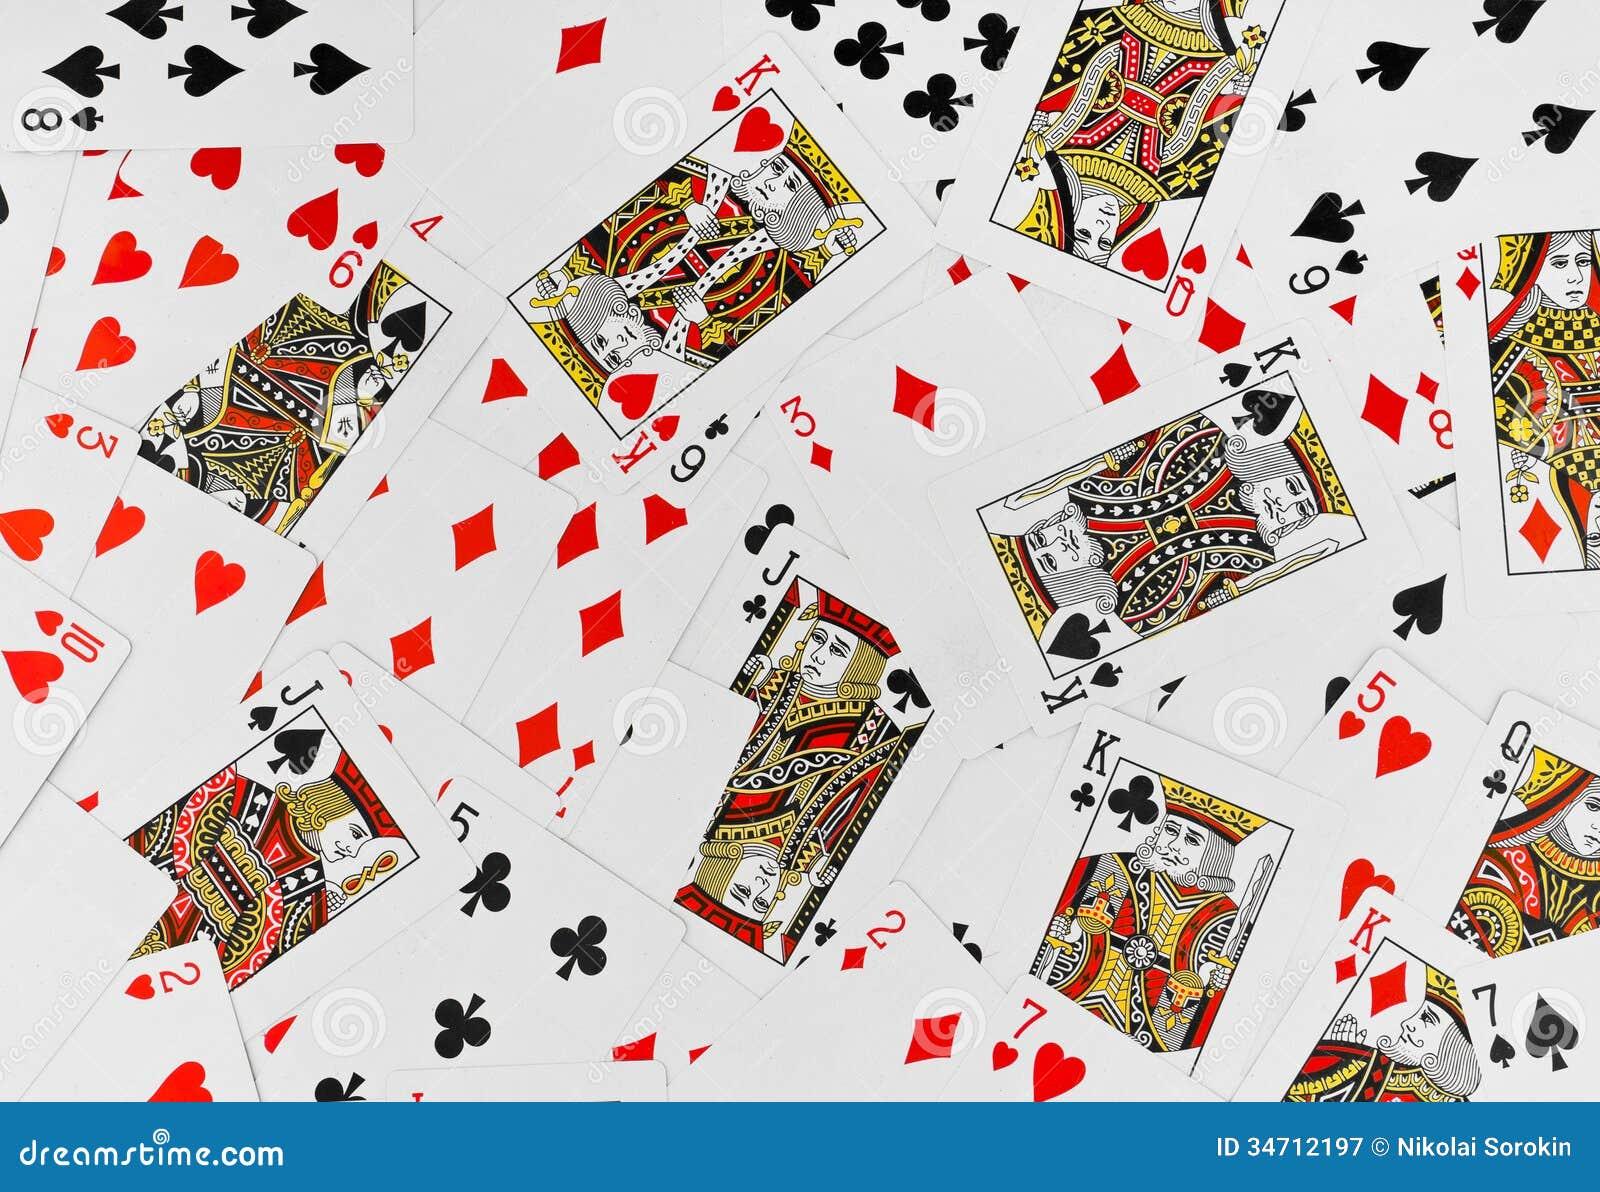 golie-igralnie-karti